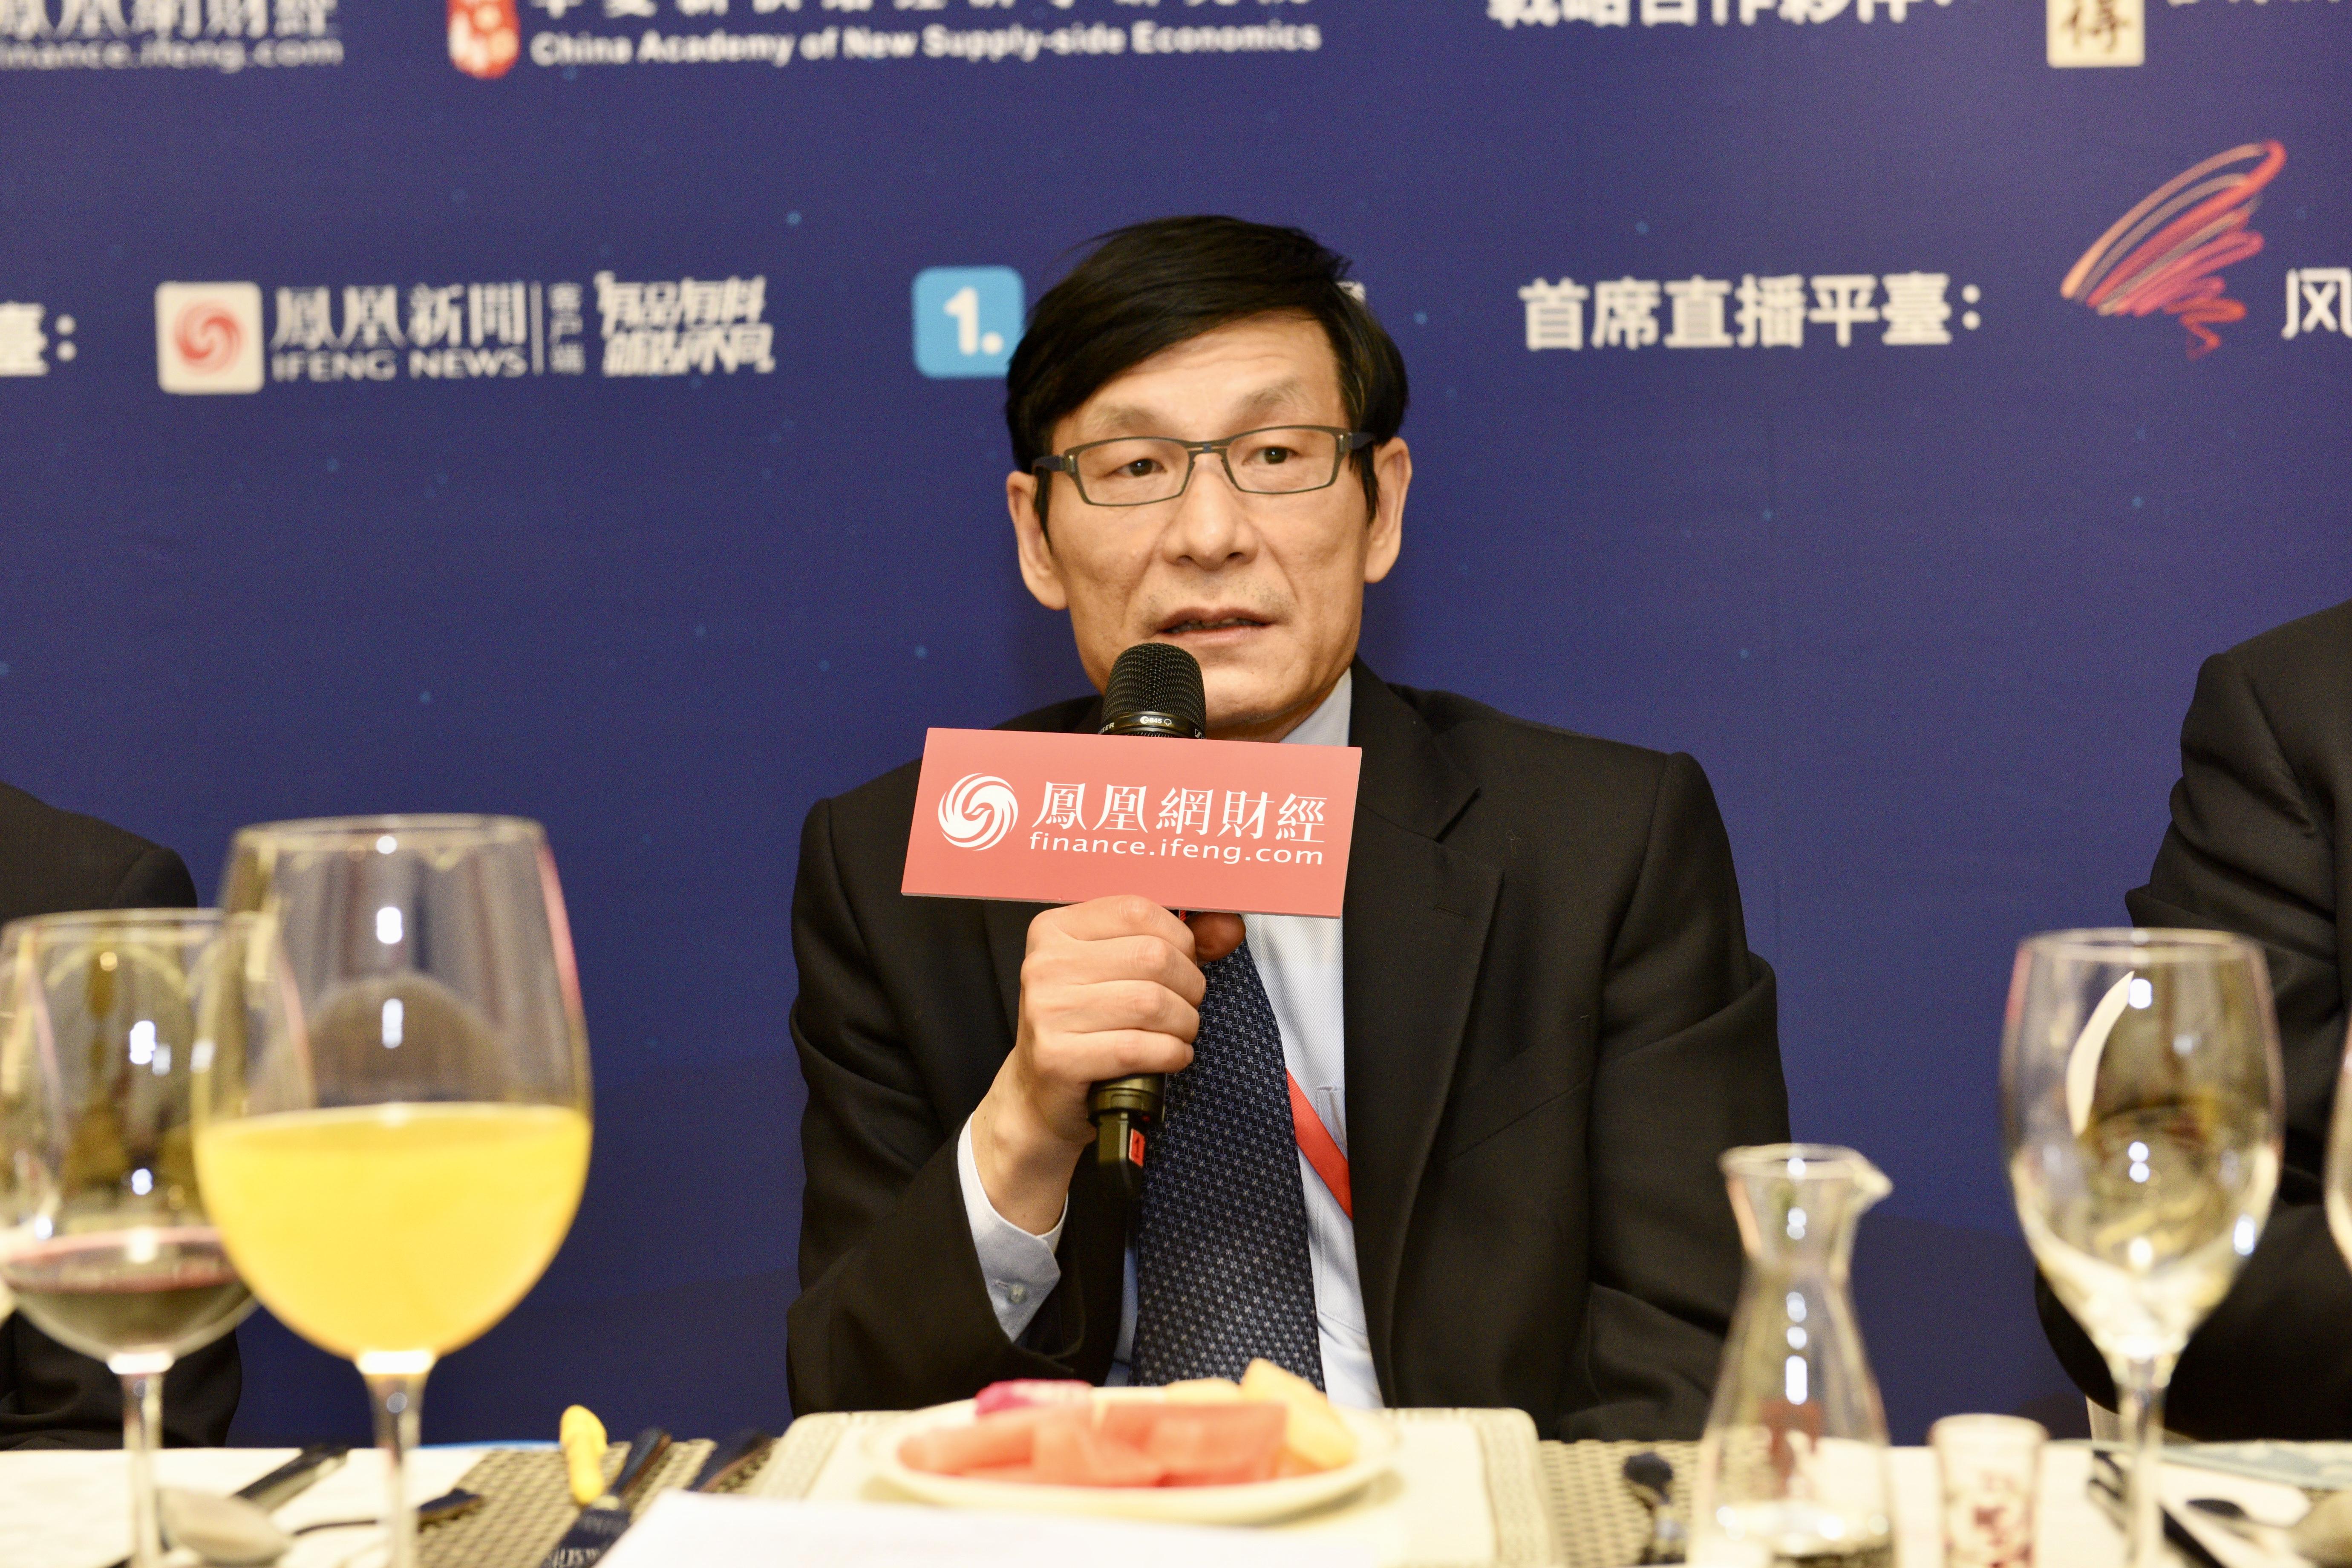 朱云来:从高速发展转向高质发展 中国经济转型有信心